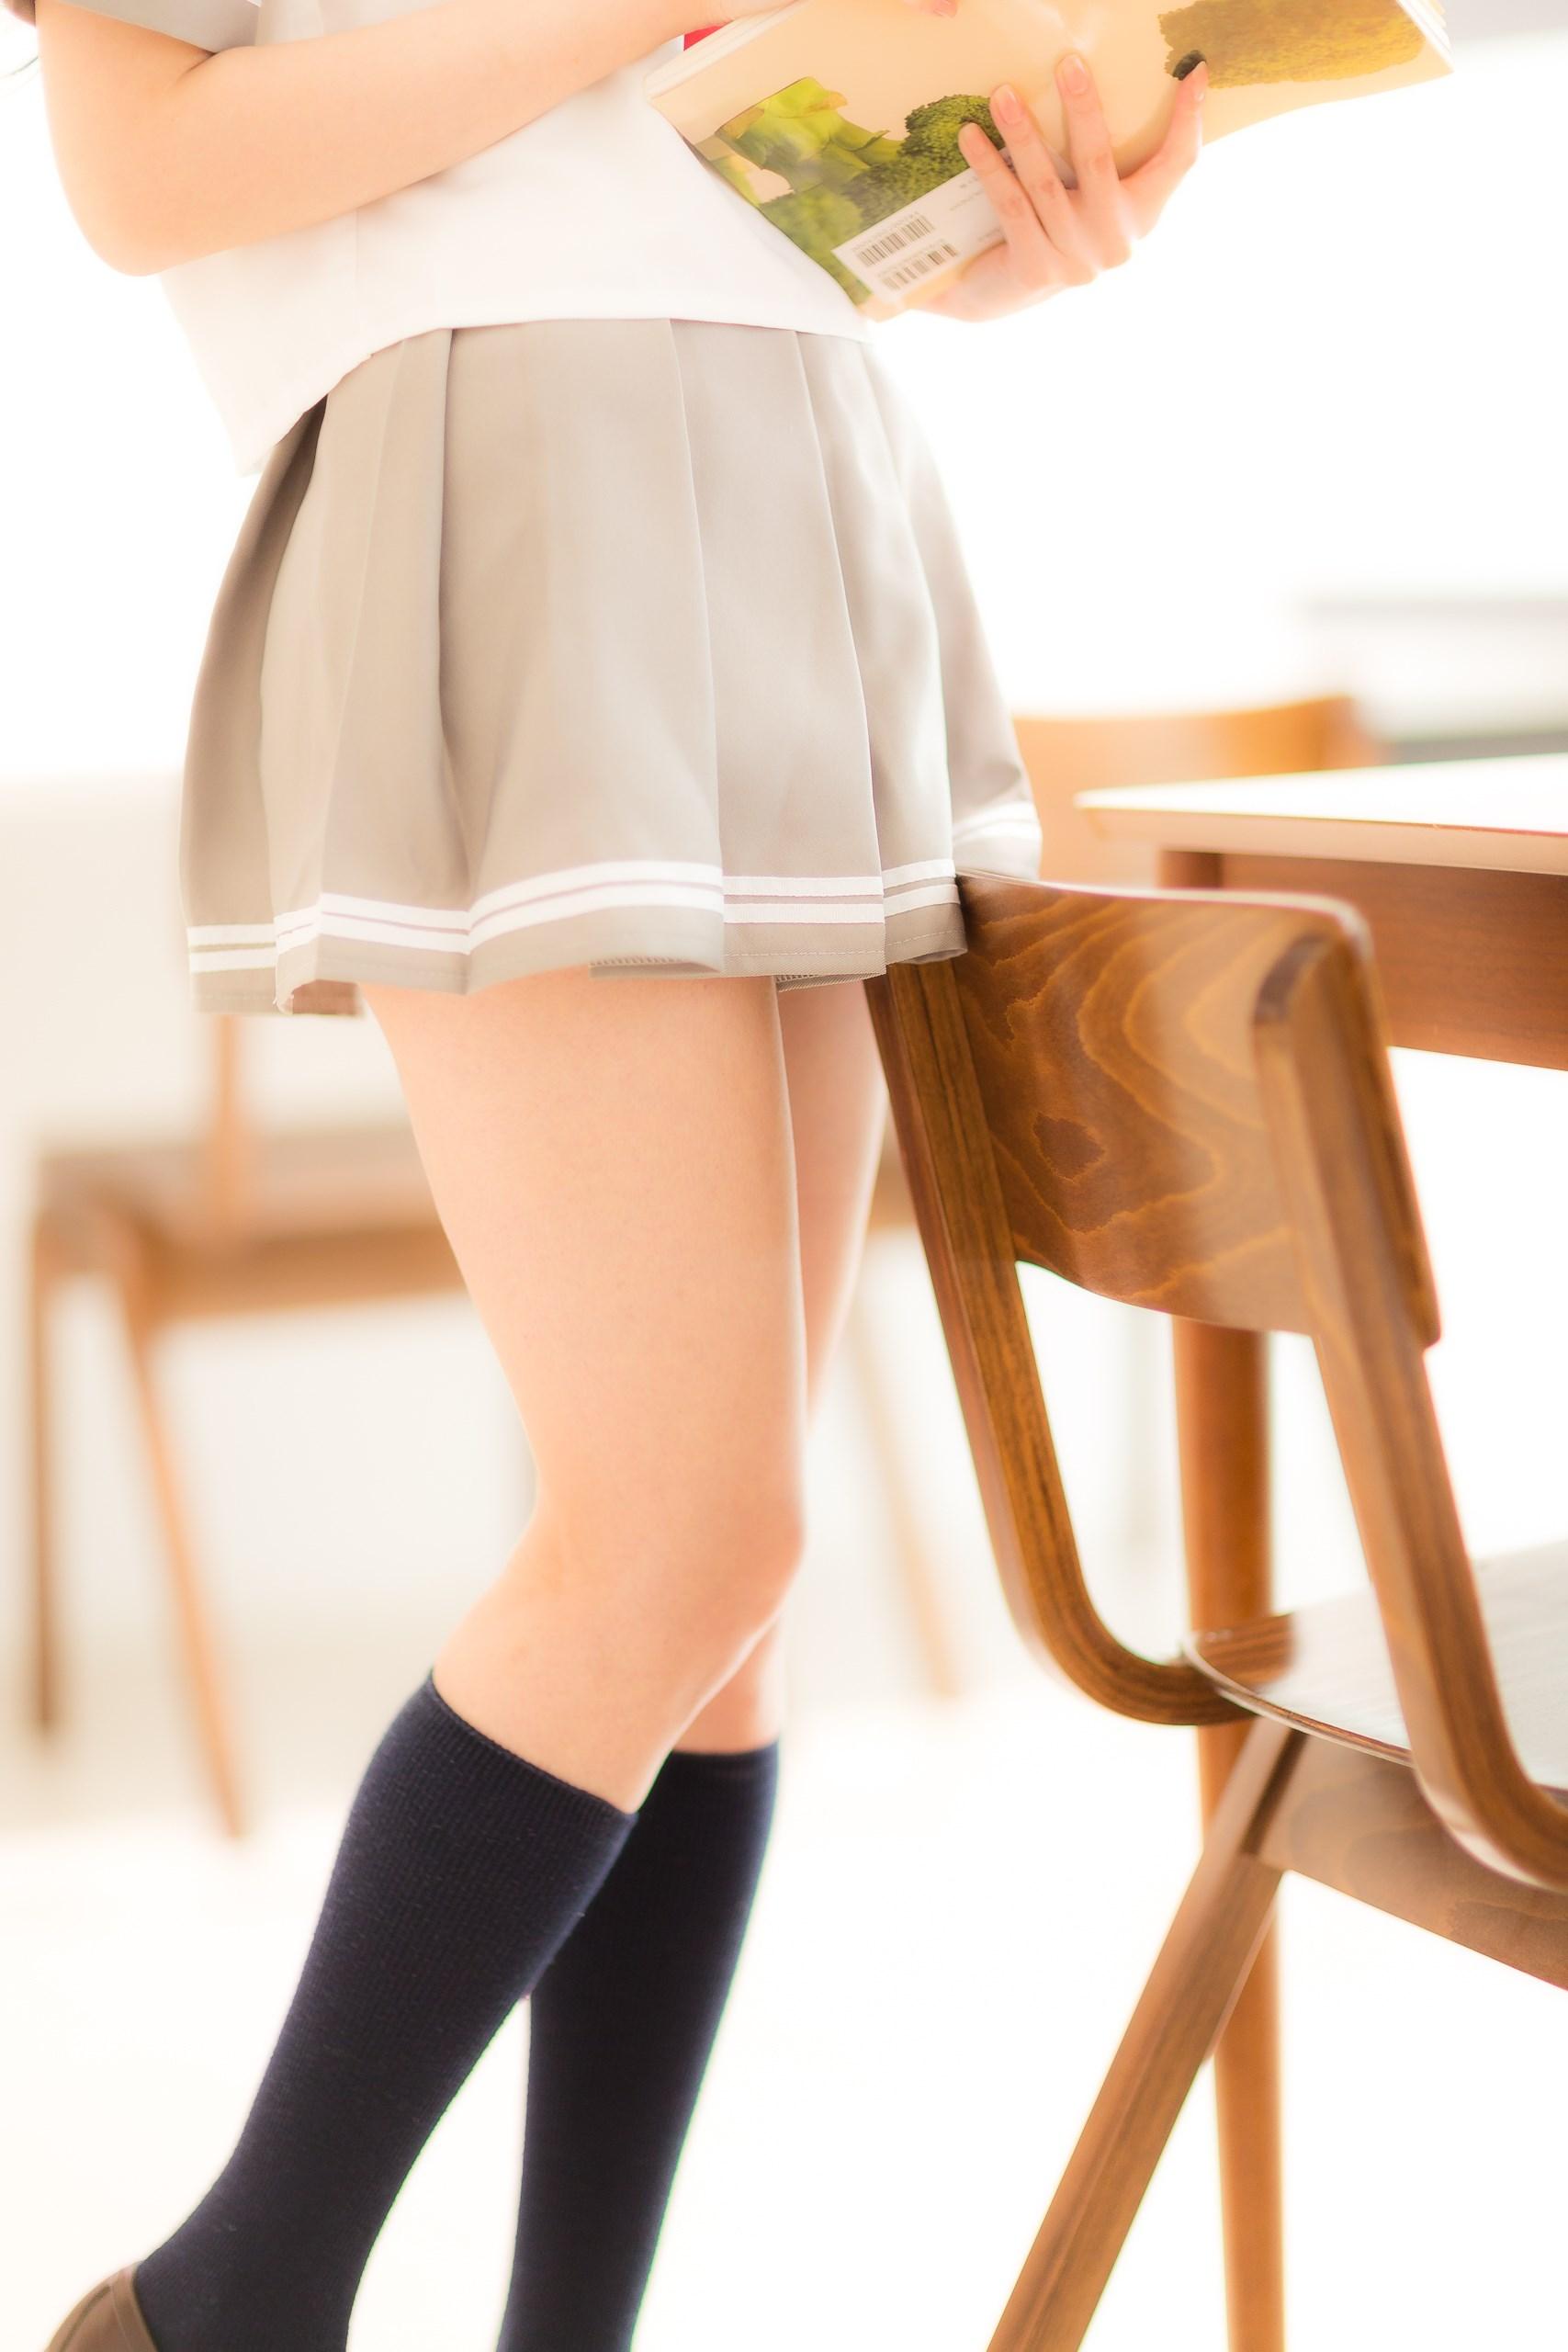 【兔玩映画】果腿的水手服 兔玩映画 第38张